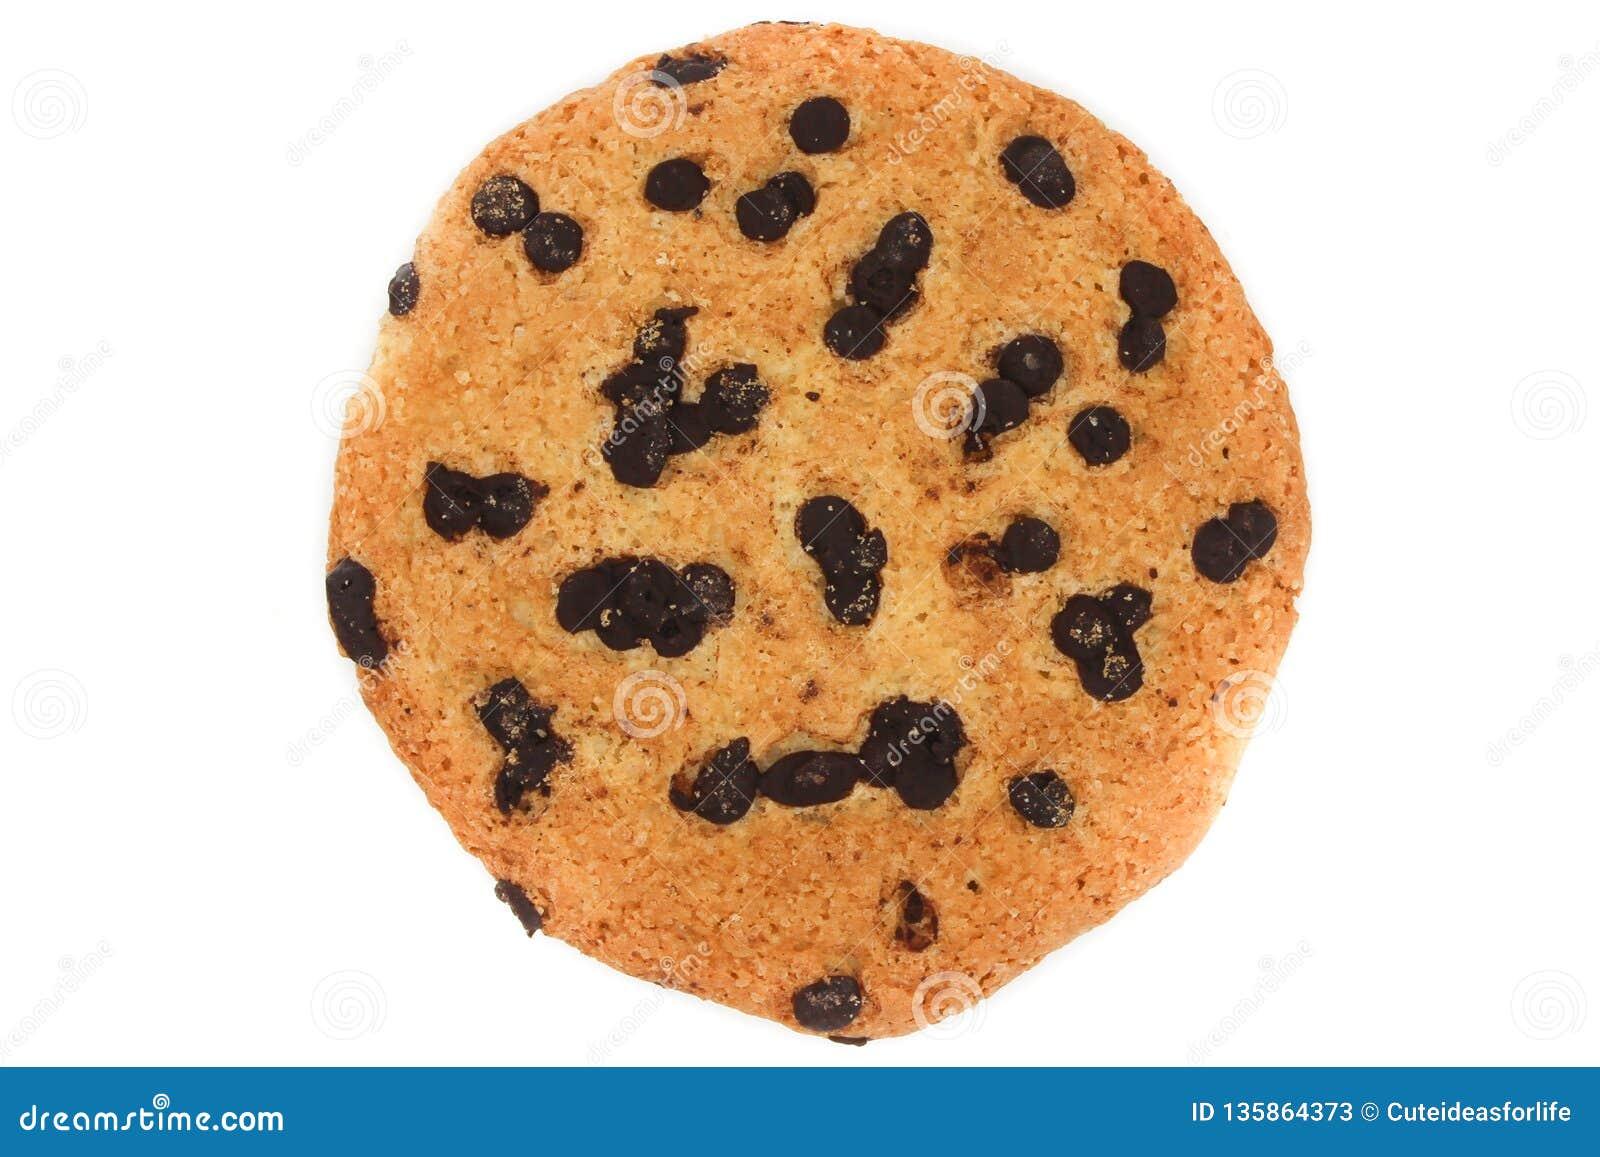 Cookies de farinha de aveia com gotas de chocolate